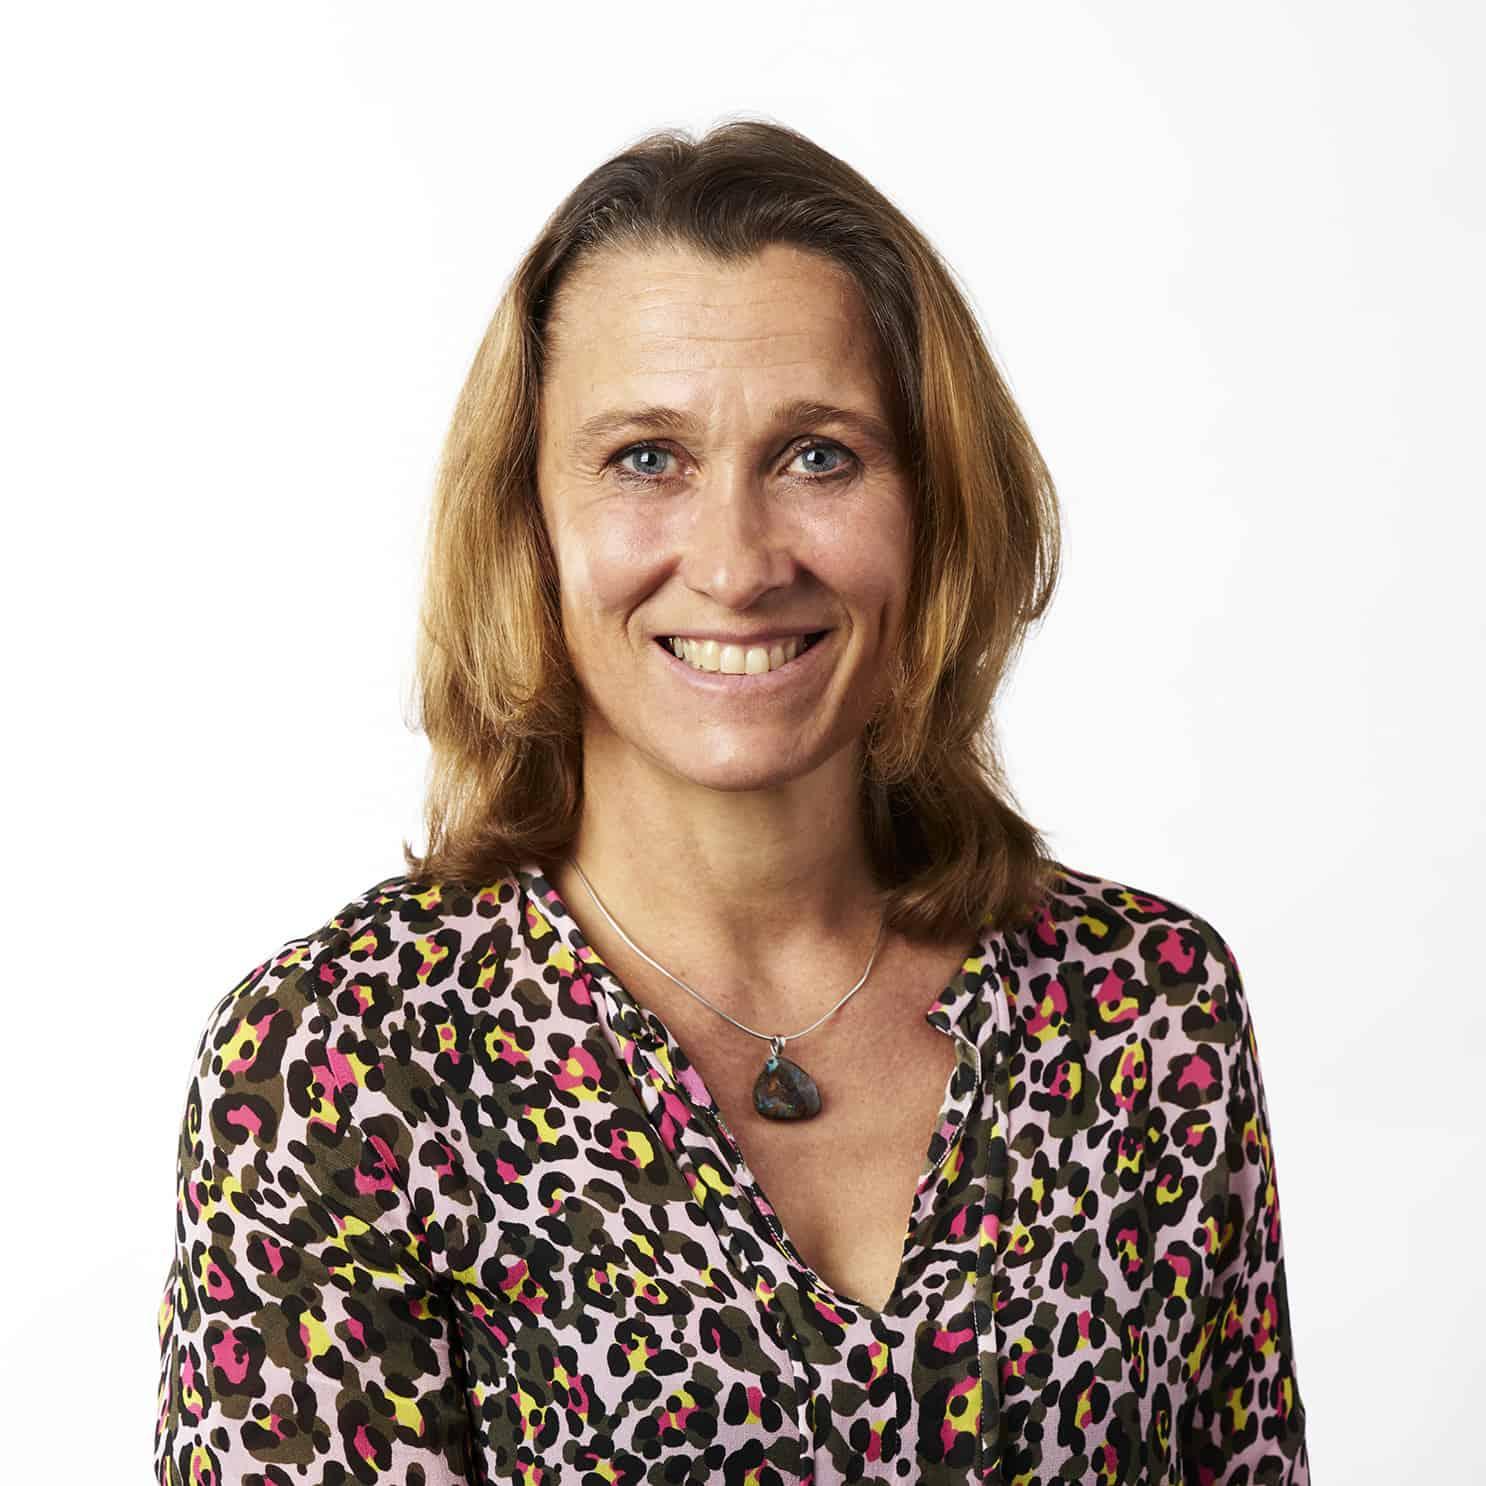 Martina Egan